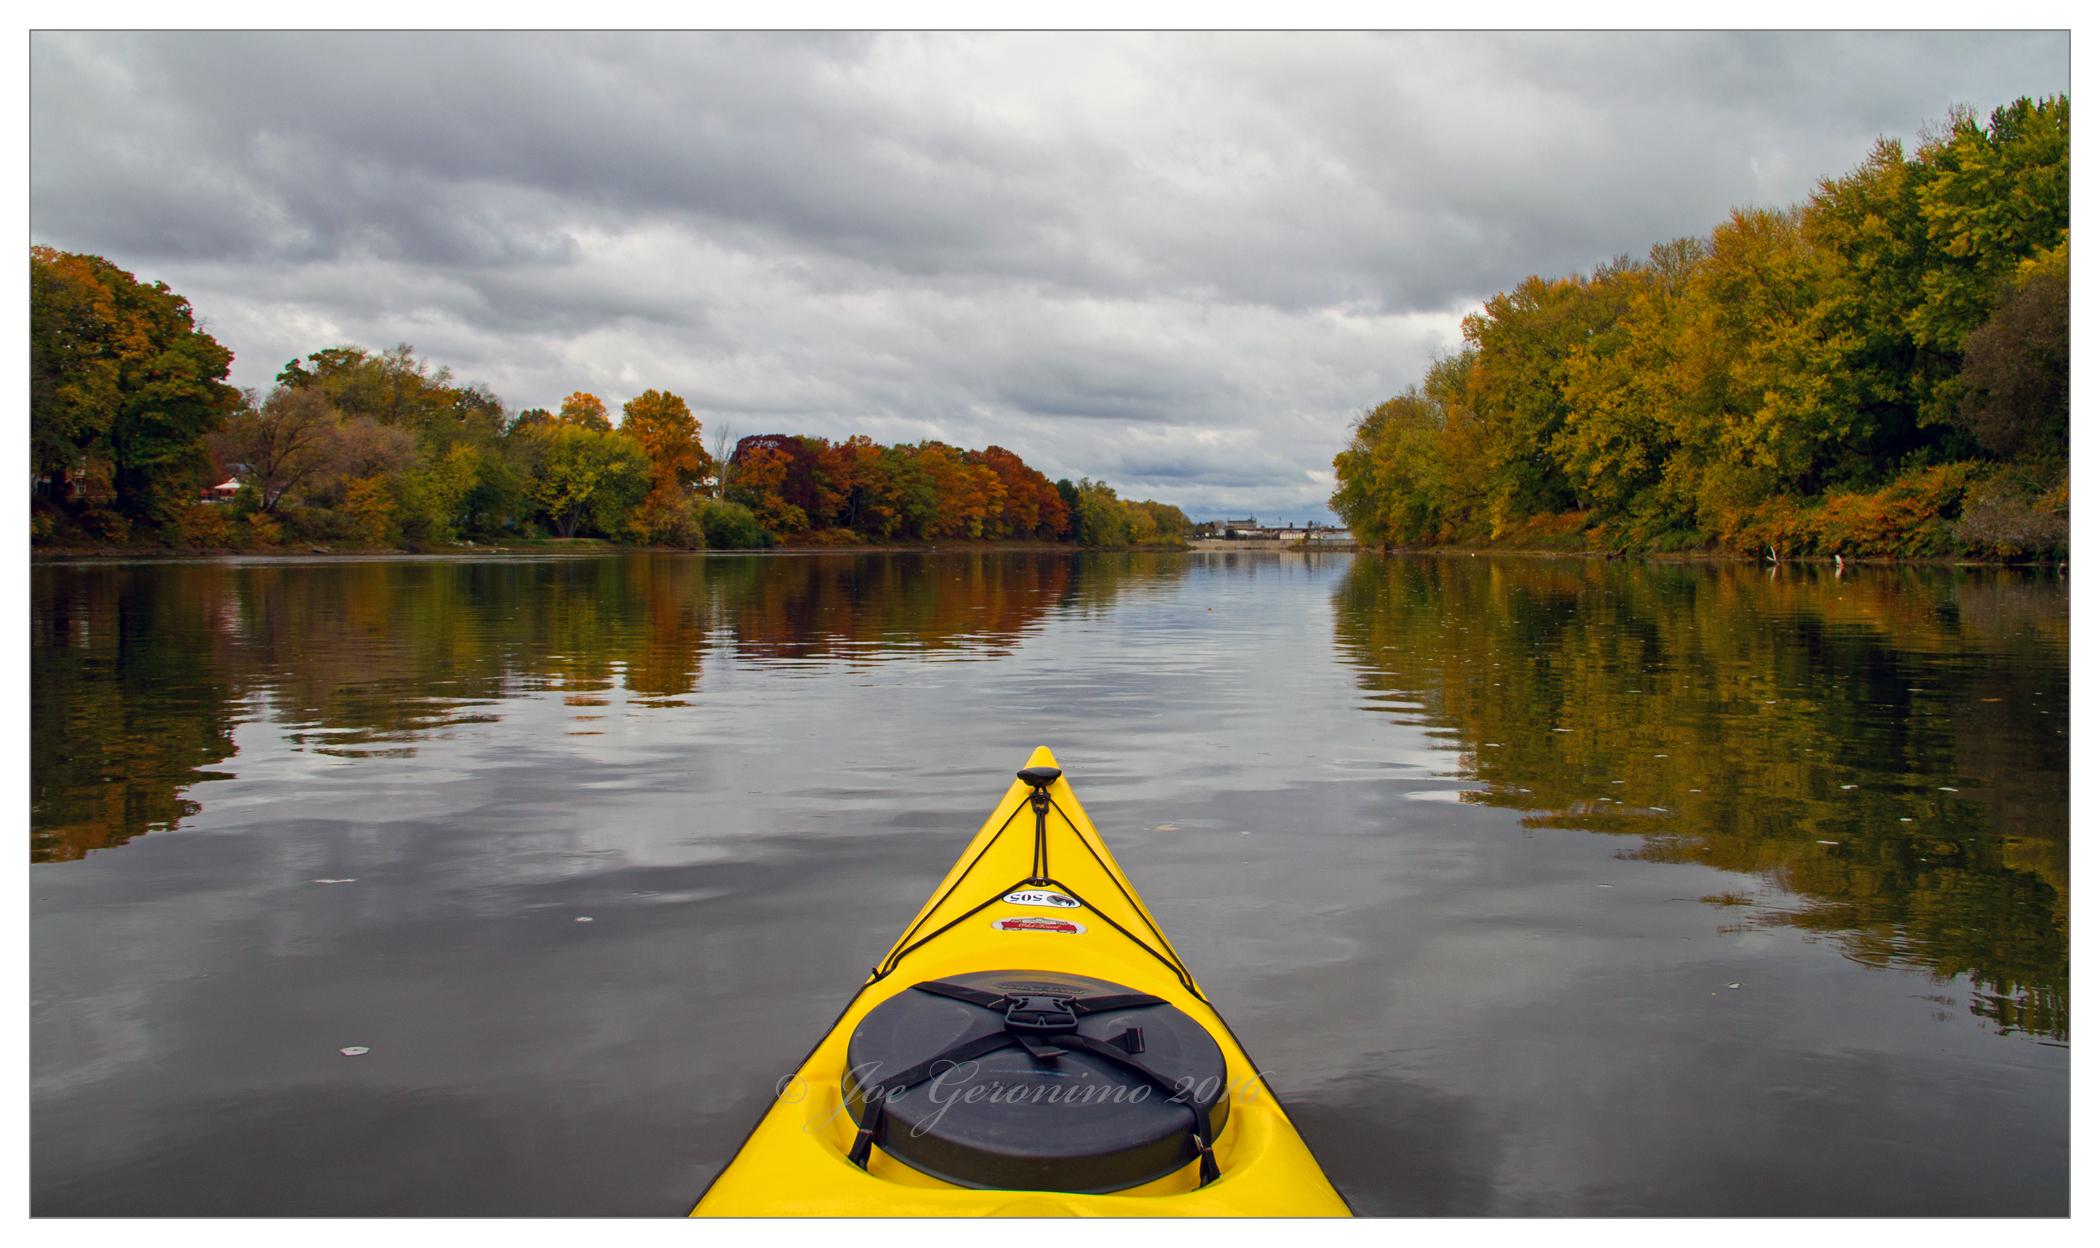 Along the Susquehanna river Binghamton, NY October 26th 2016. Image © Joe Geronimo